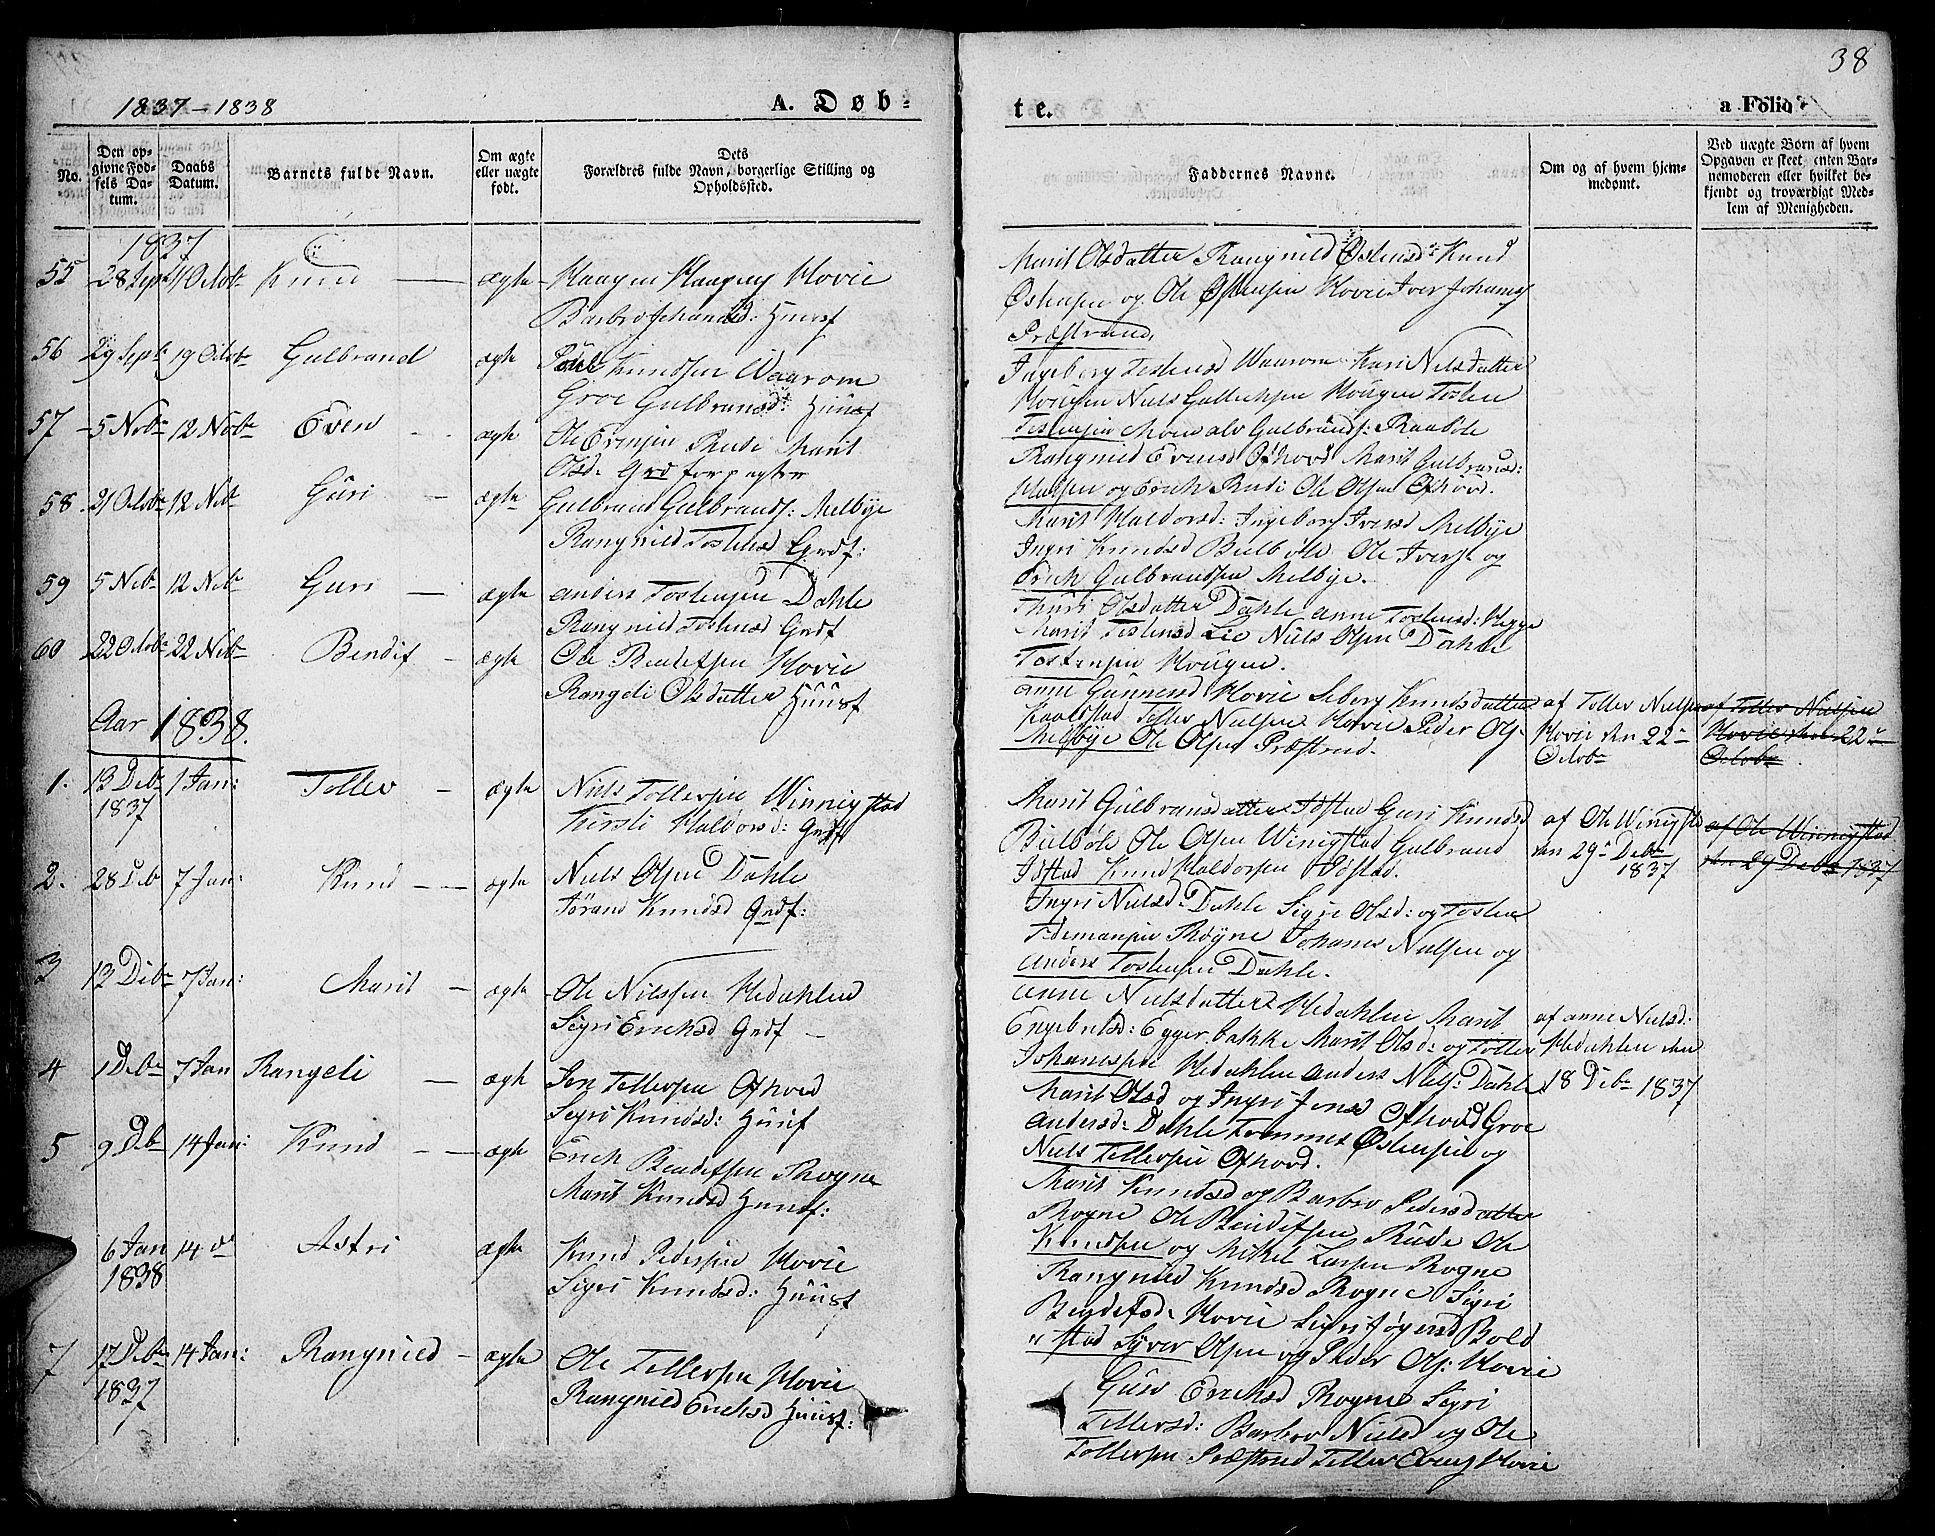 SAH, Slidre prestekontor, Ministerialbok nr. 4, 1831-1848, s. 38